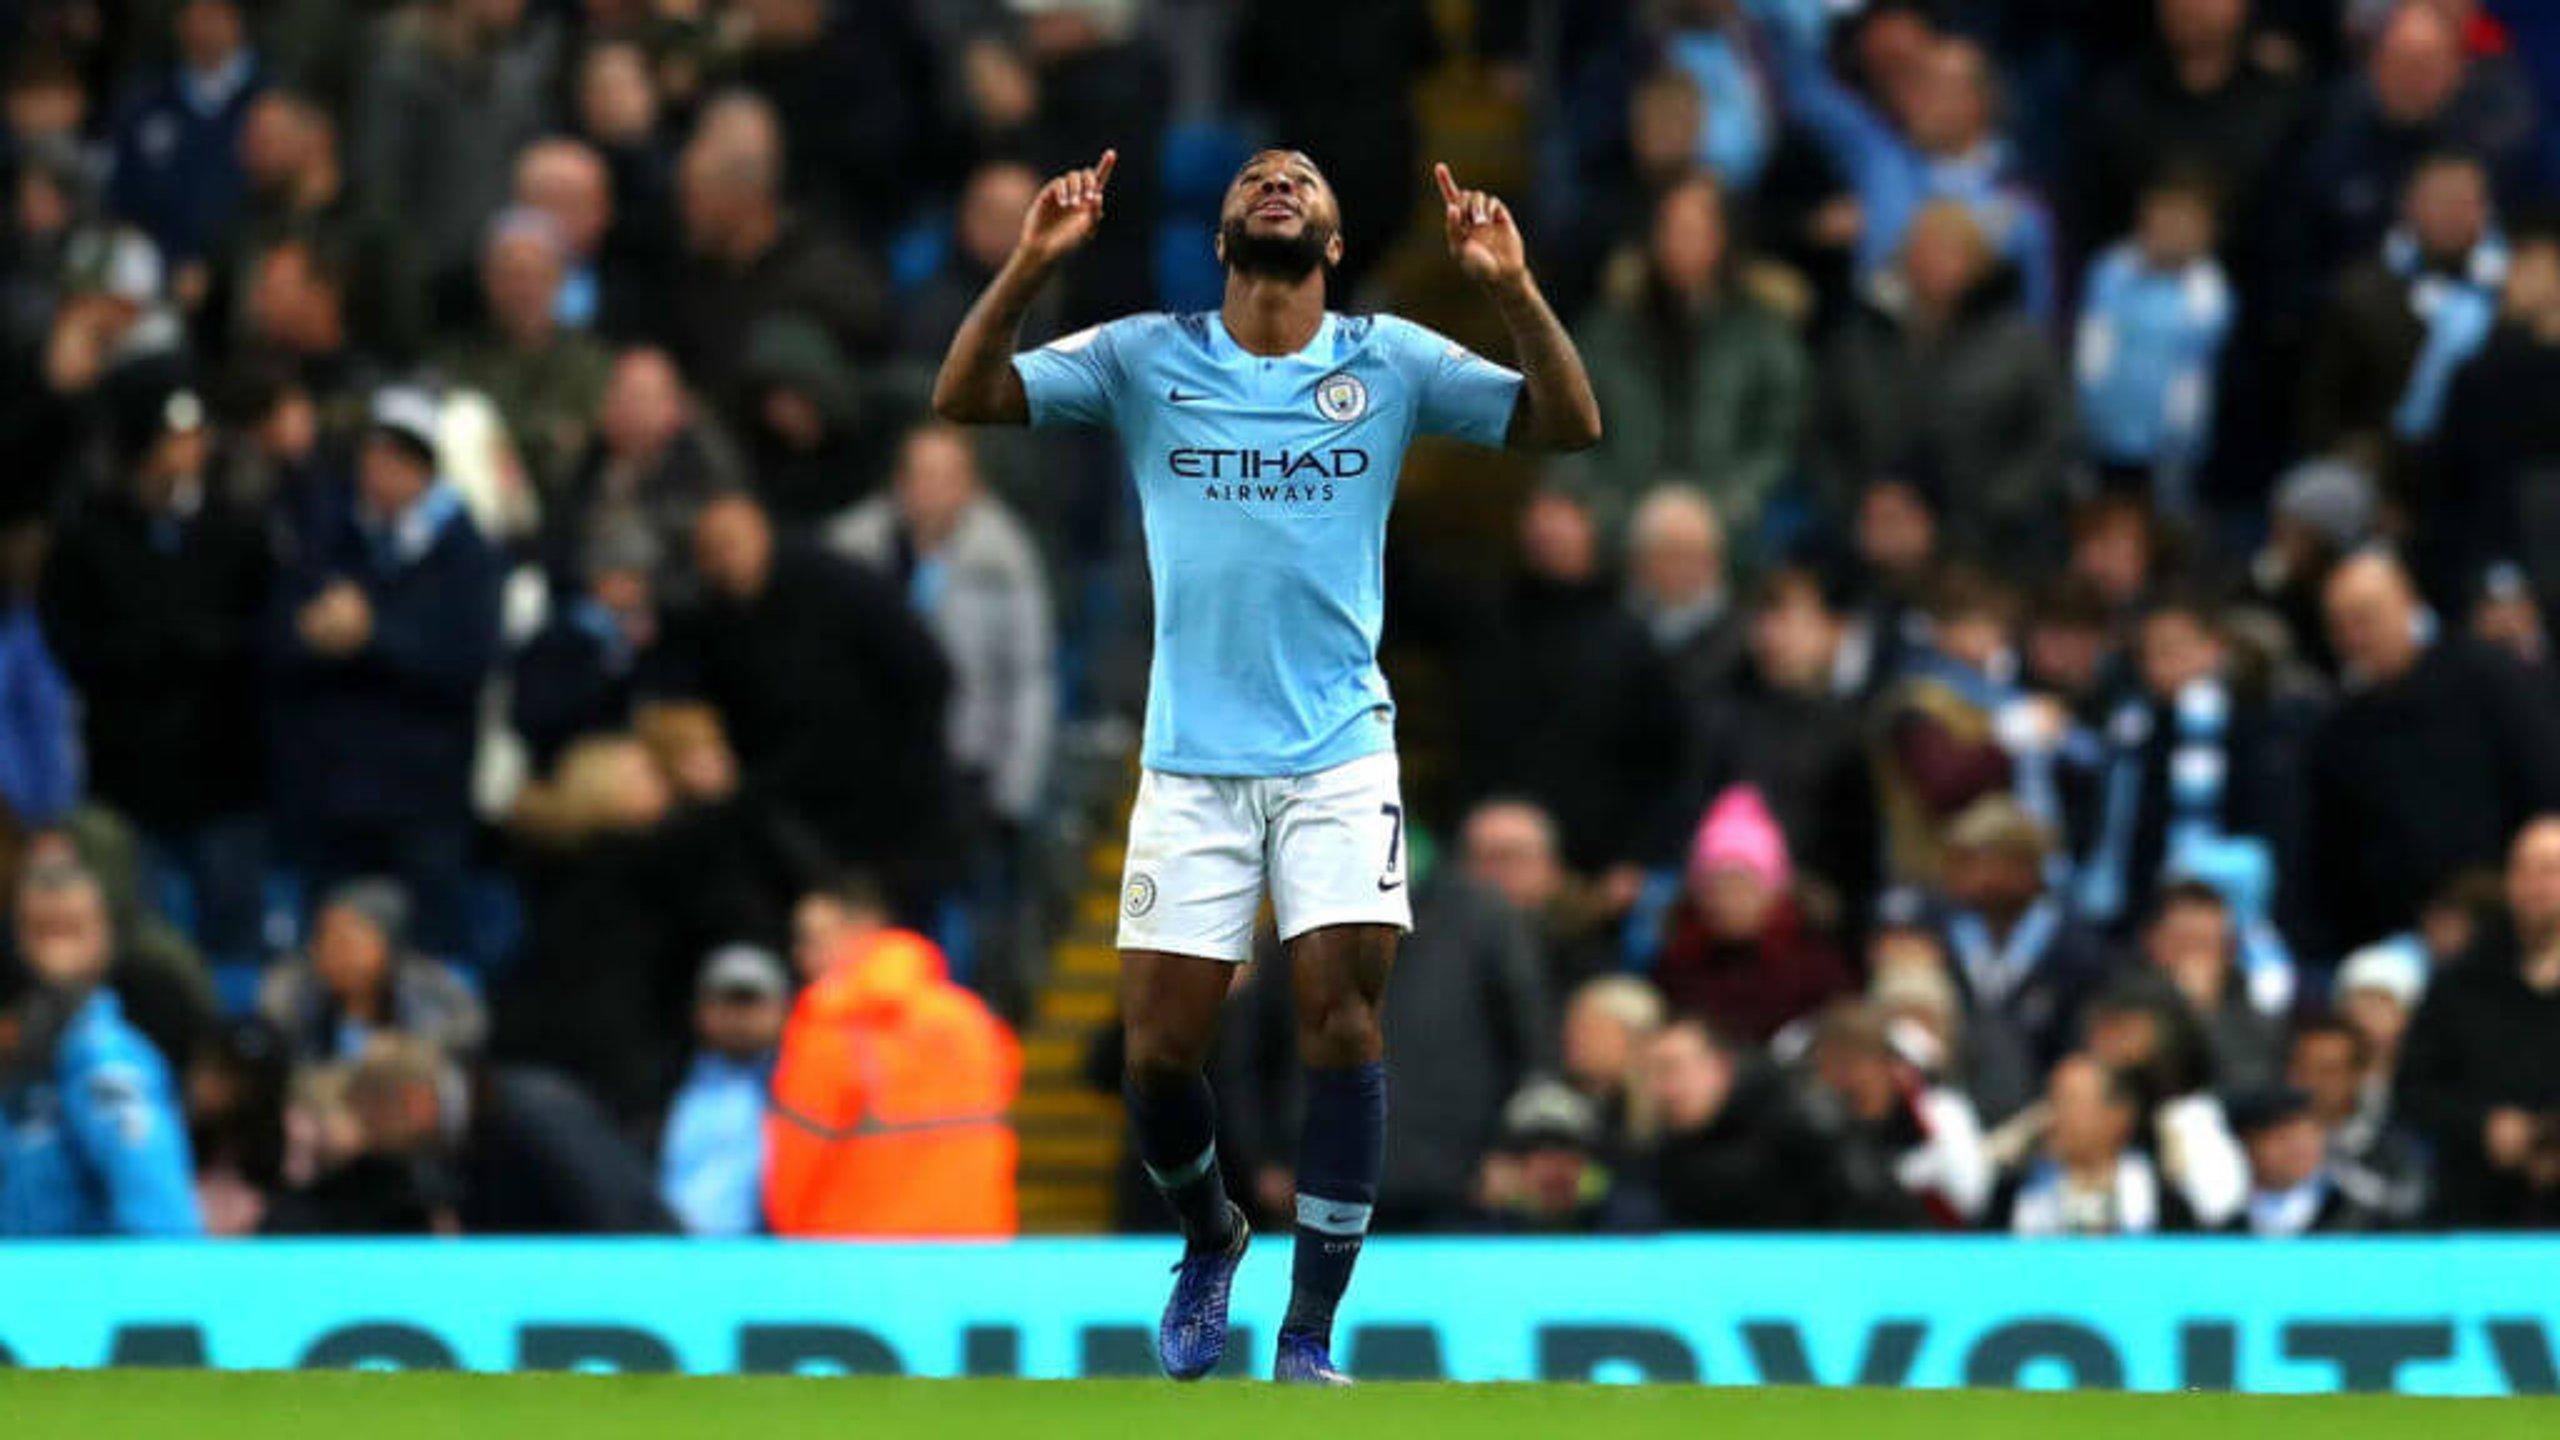 BACK IN FRONT: Sterling celebrates after his close-range effort